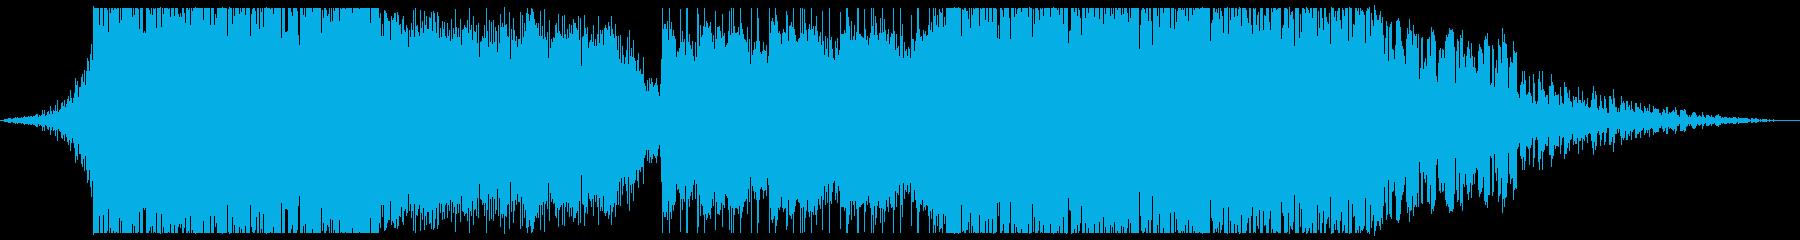 スピード感のあるトラックの再生済みの波形